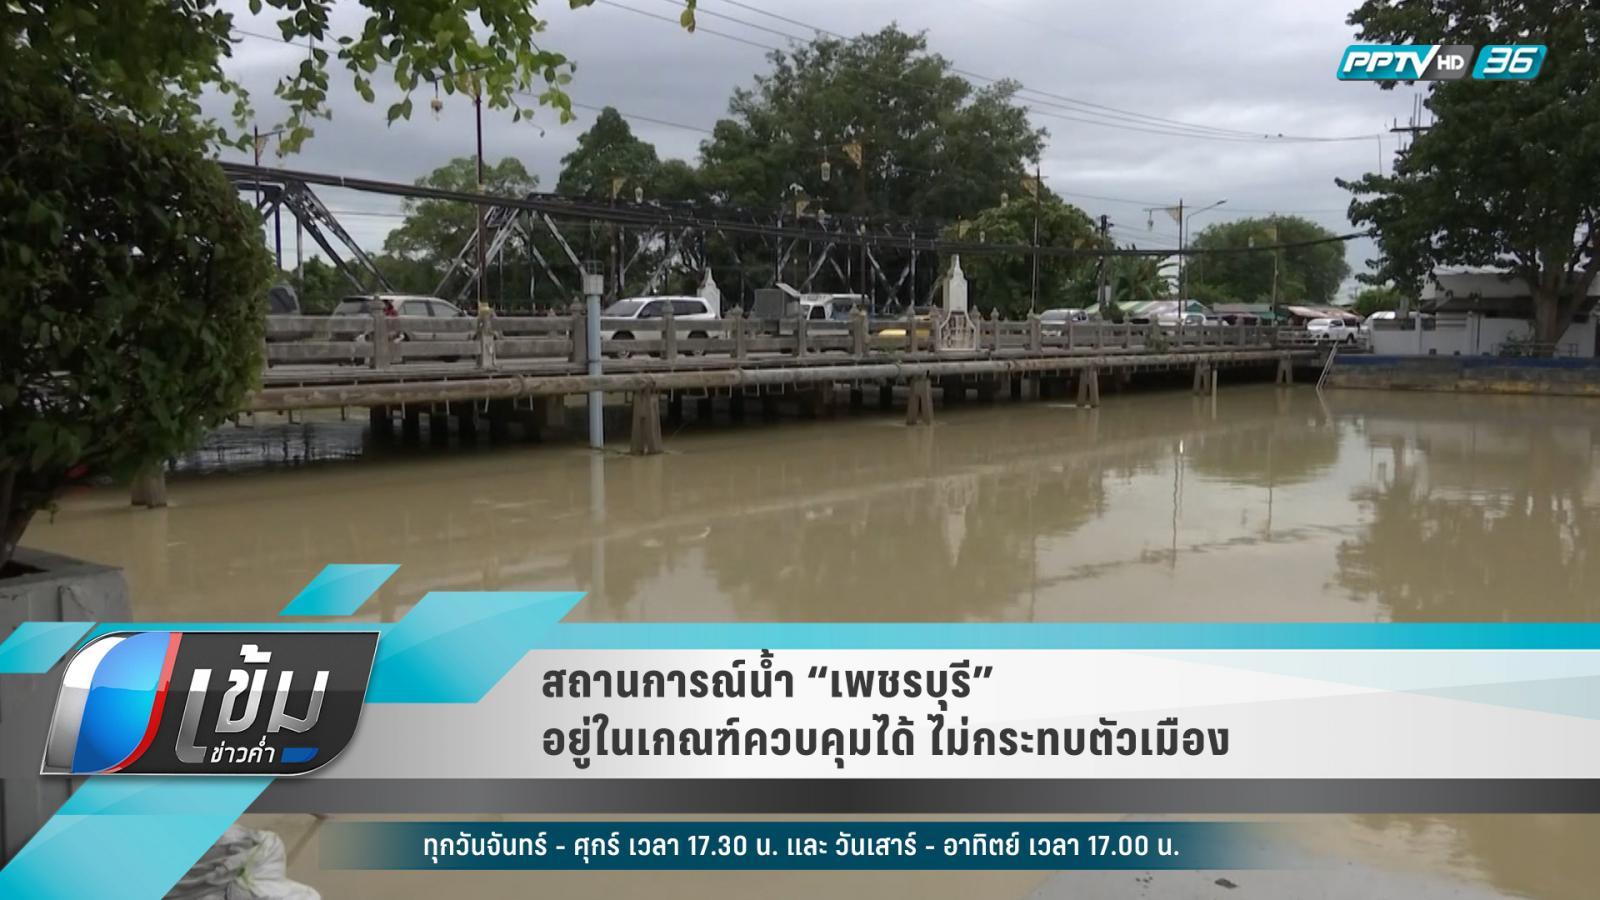 """สถานการณ์น้ำ """"เพชรบุรี"""" อยู่ในเกณฑ์ควบคุมได้ ไม่กระทบตัวเมือง"""